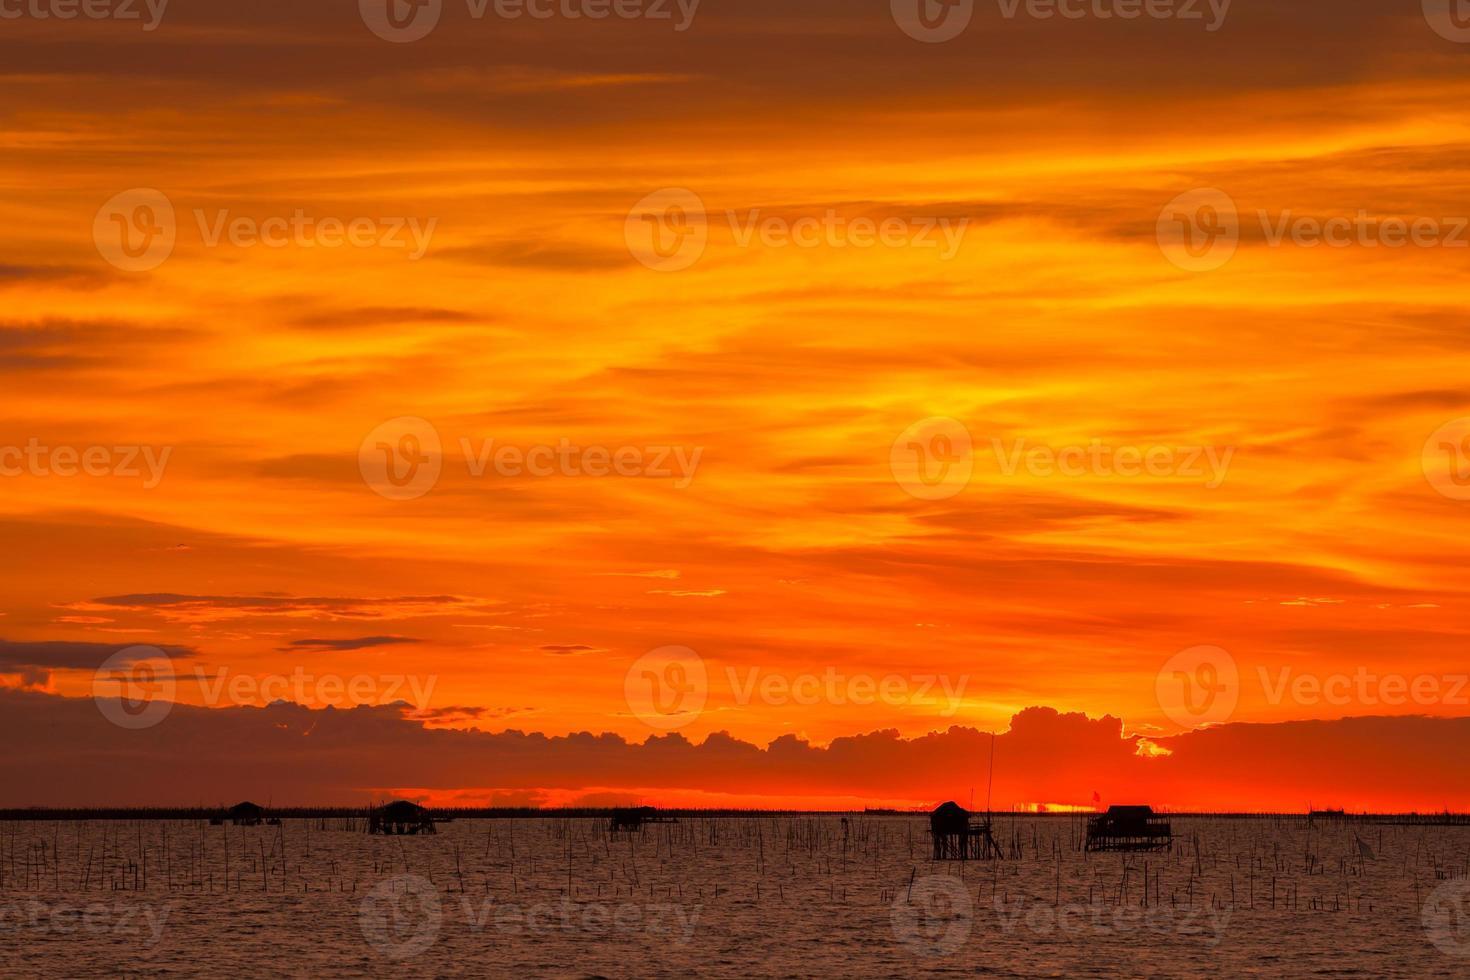 cielo anaranjado brillante al atardecer foto